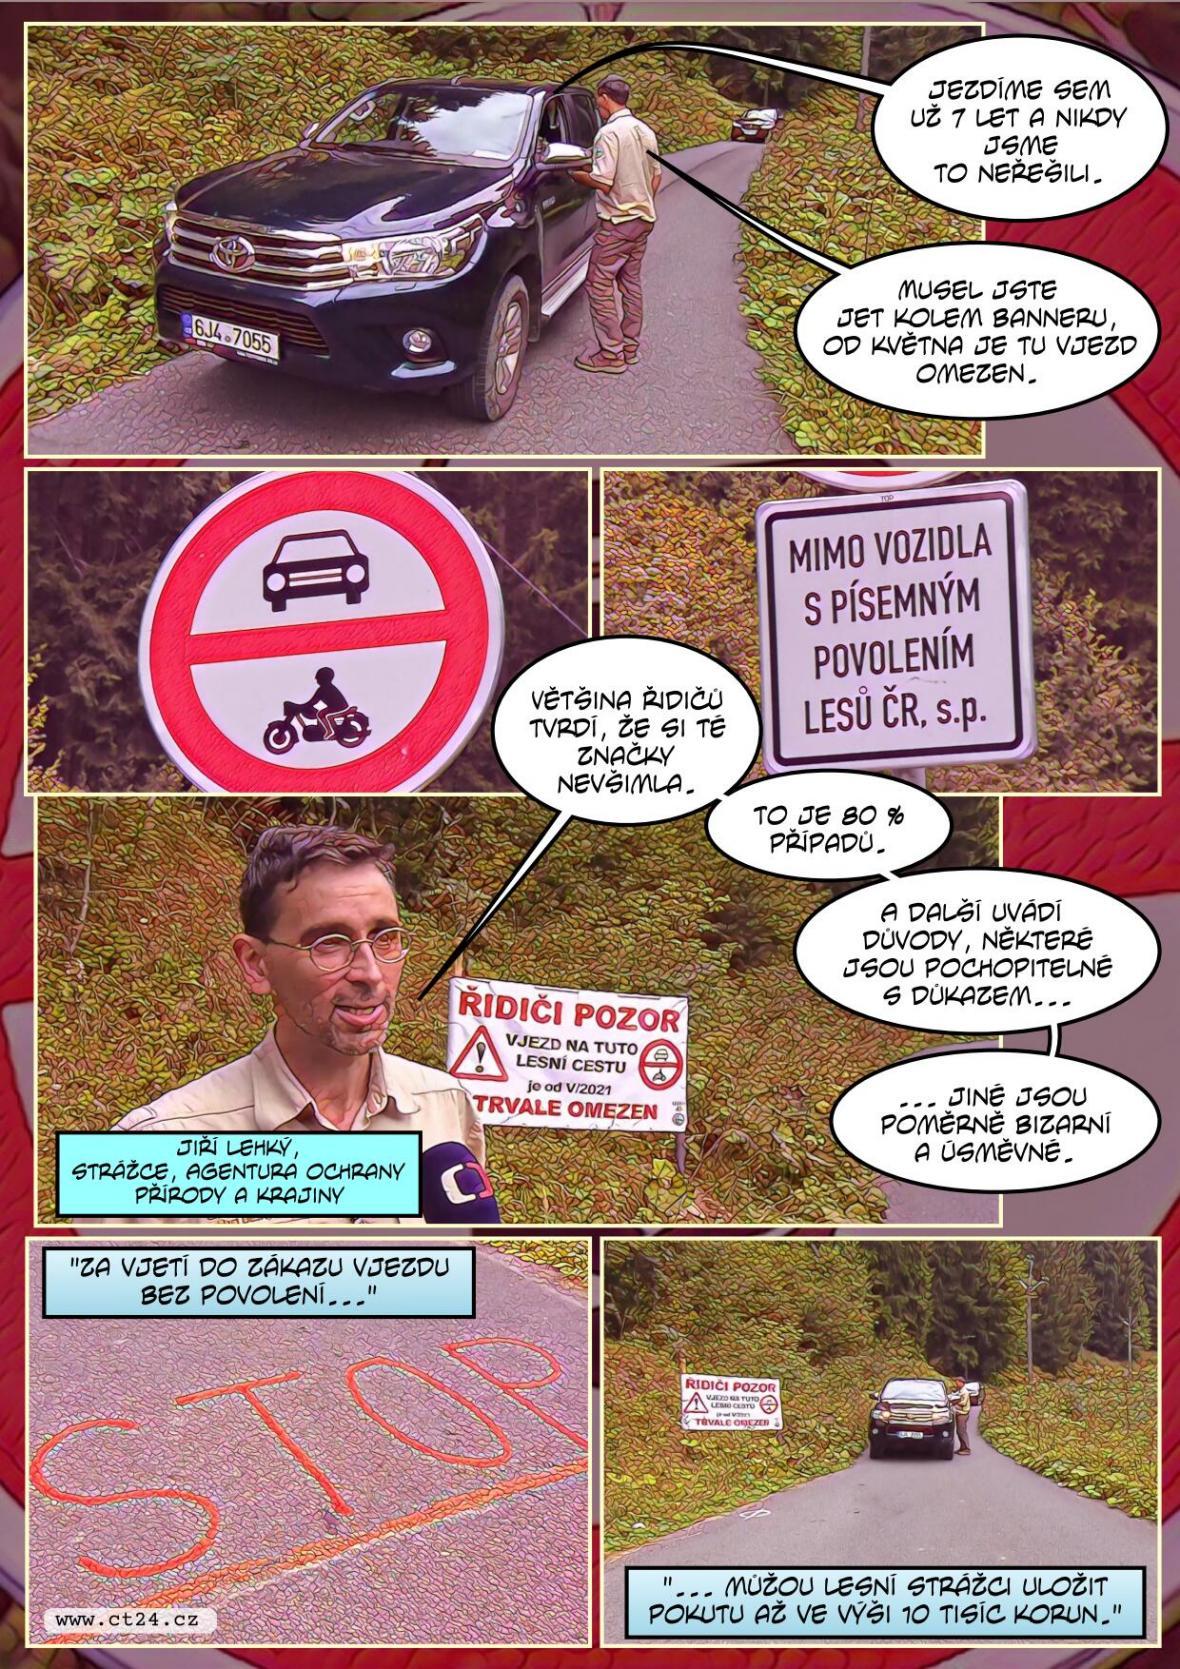 Ochránci přírody kontrolují řidiče